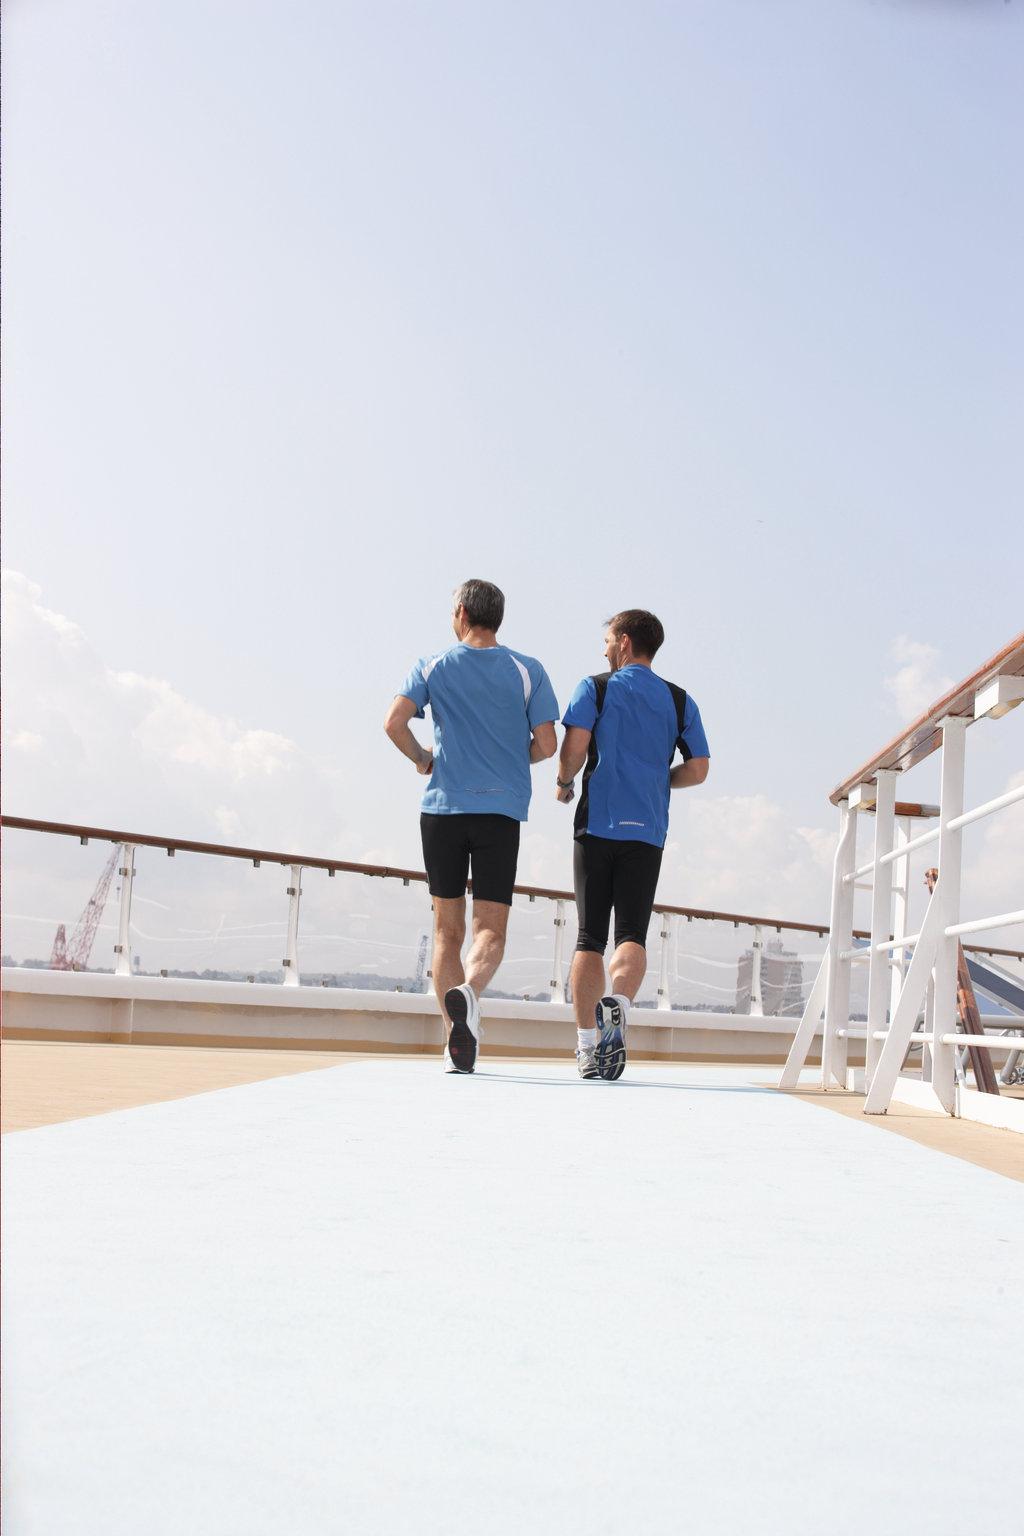 Joggingbereich